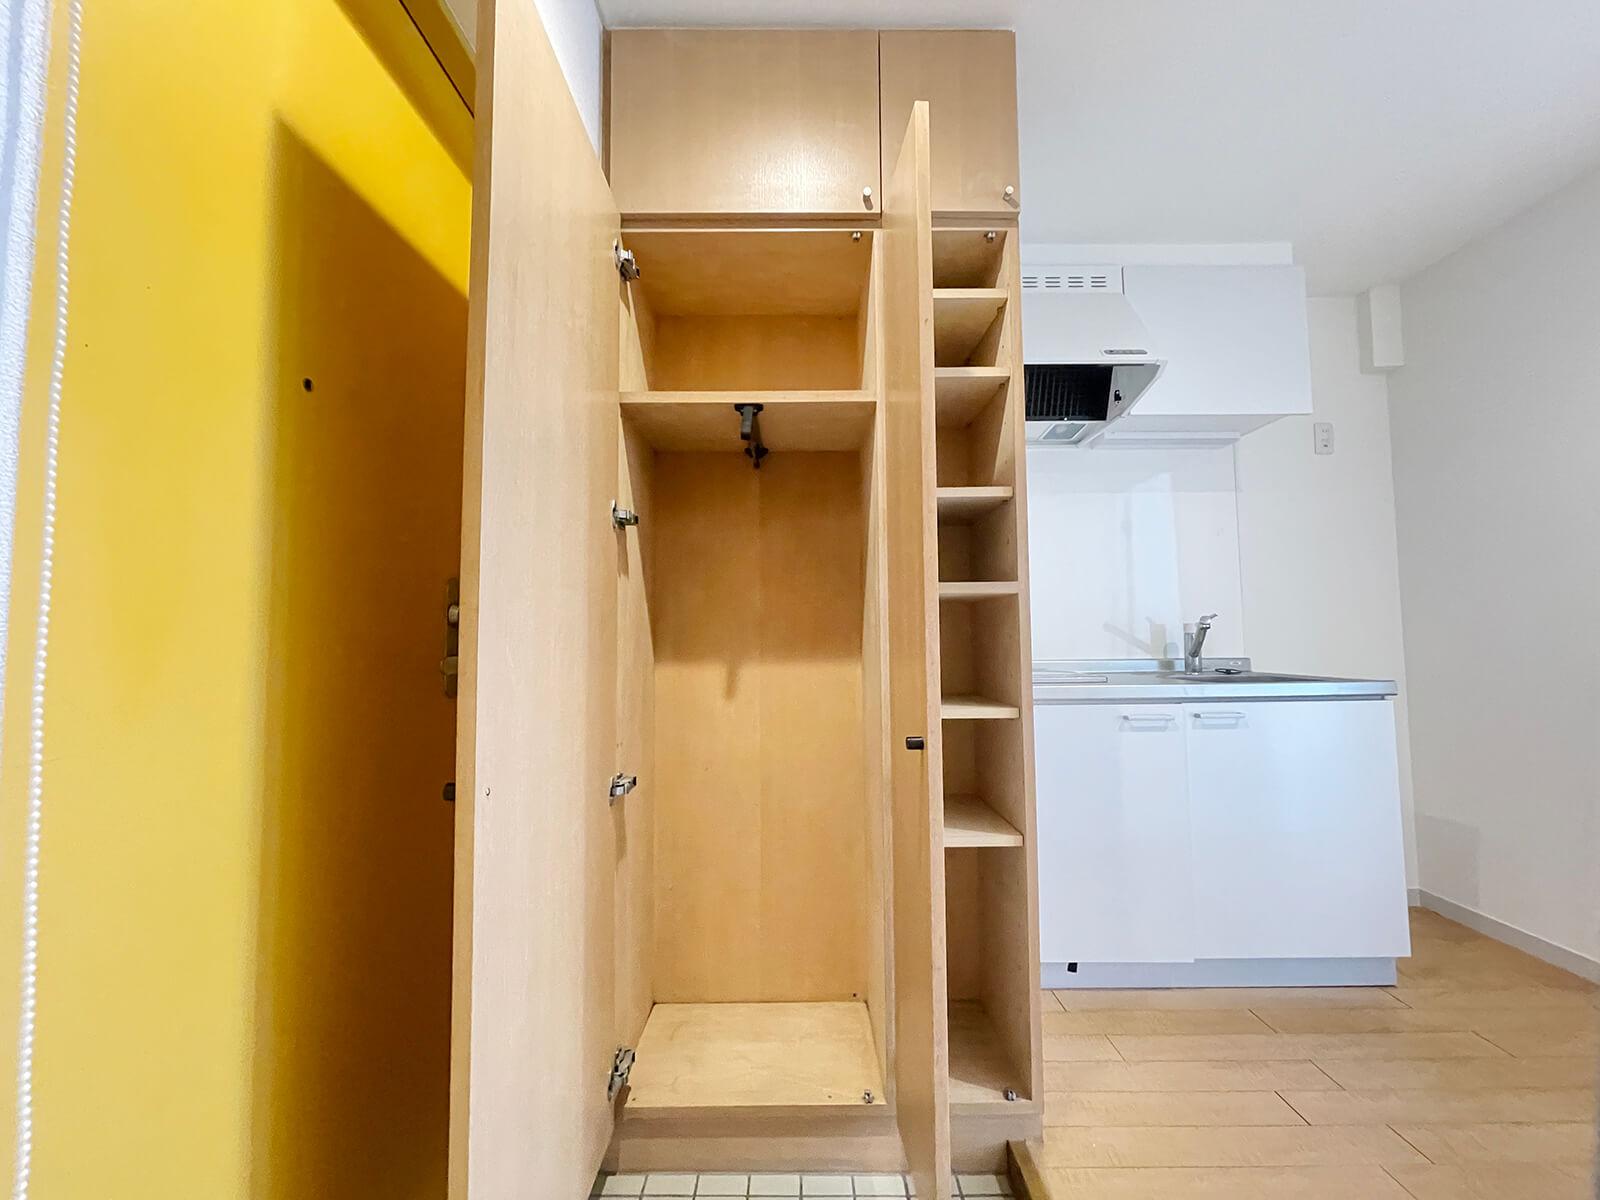 こちらは406号室の玄関収納 どのお部屋も天井までたっぷり使えますにゃ。